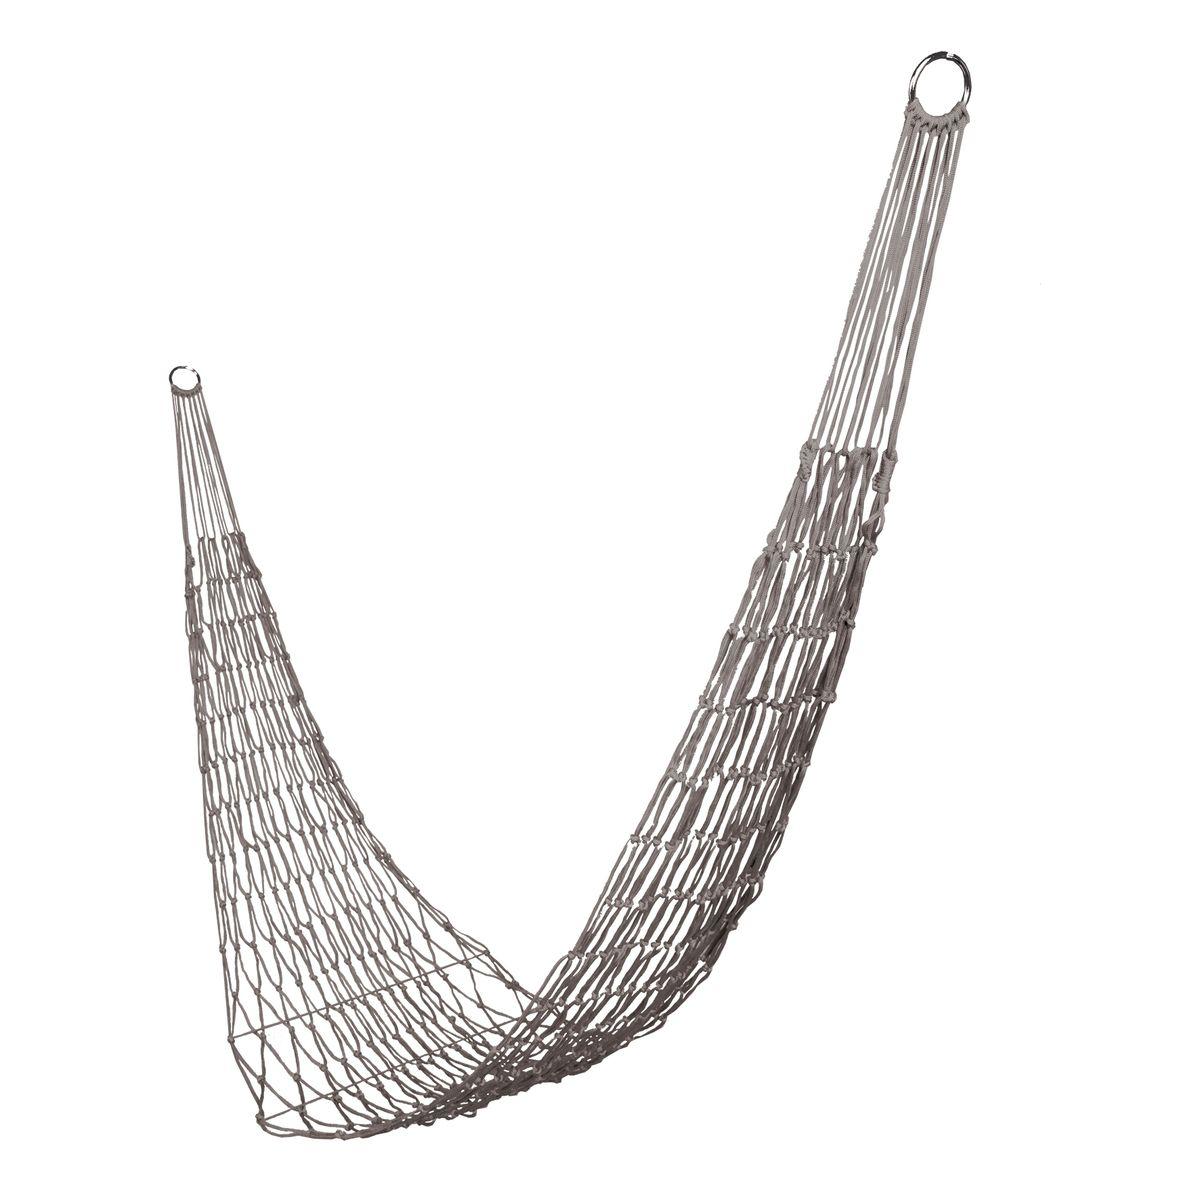 Гамак-сетка Boyscout Походный, цвет: серый, 200 х 80 см гамак сетка boyscout 61074